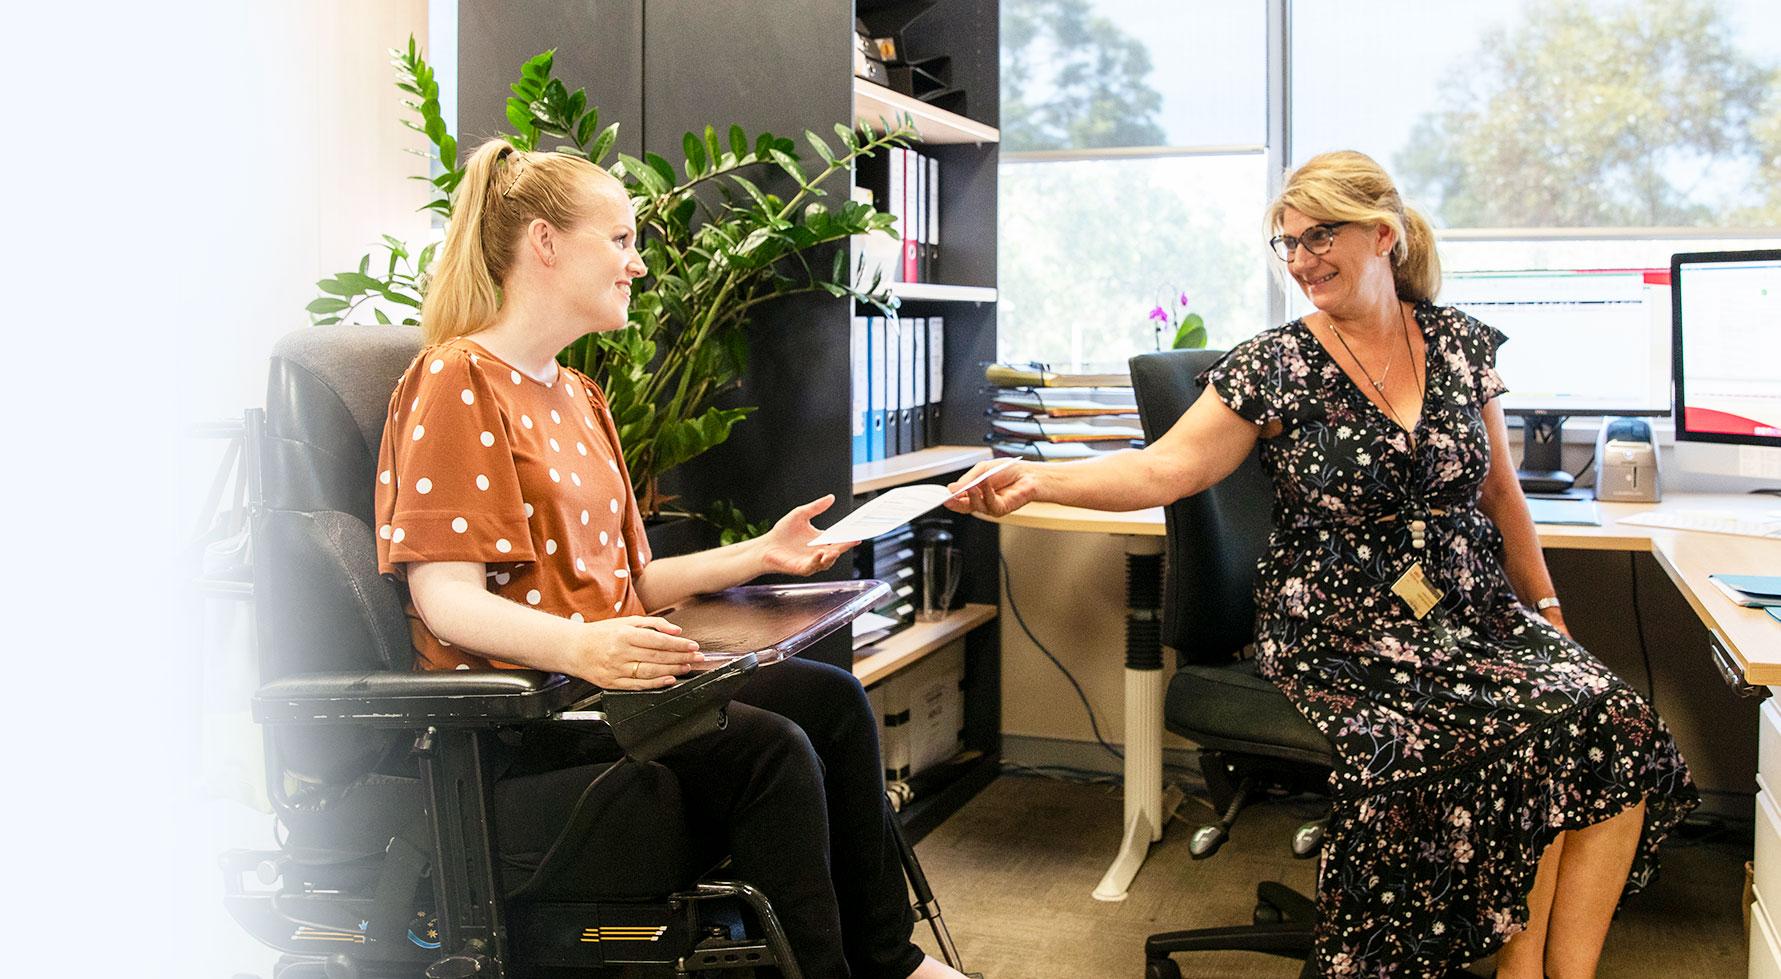 Woman in a wheechair working in an office